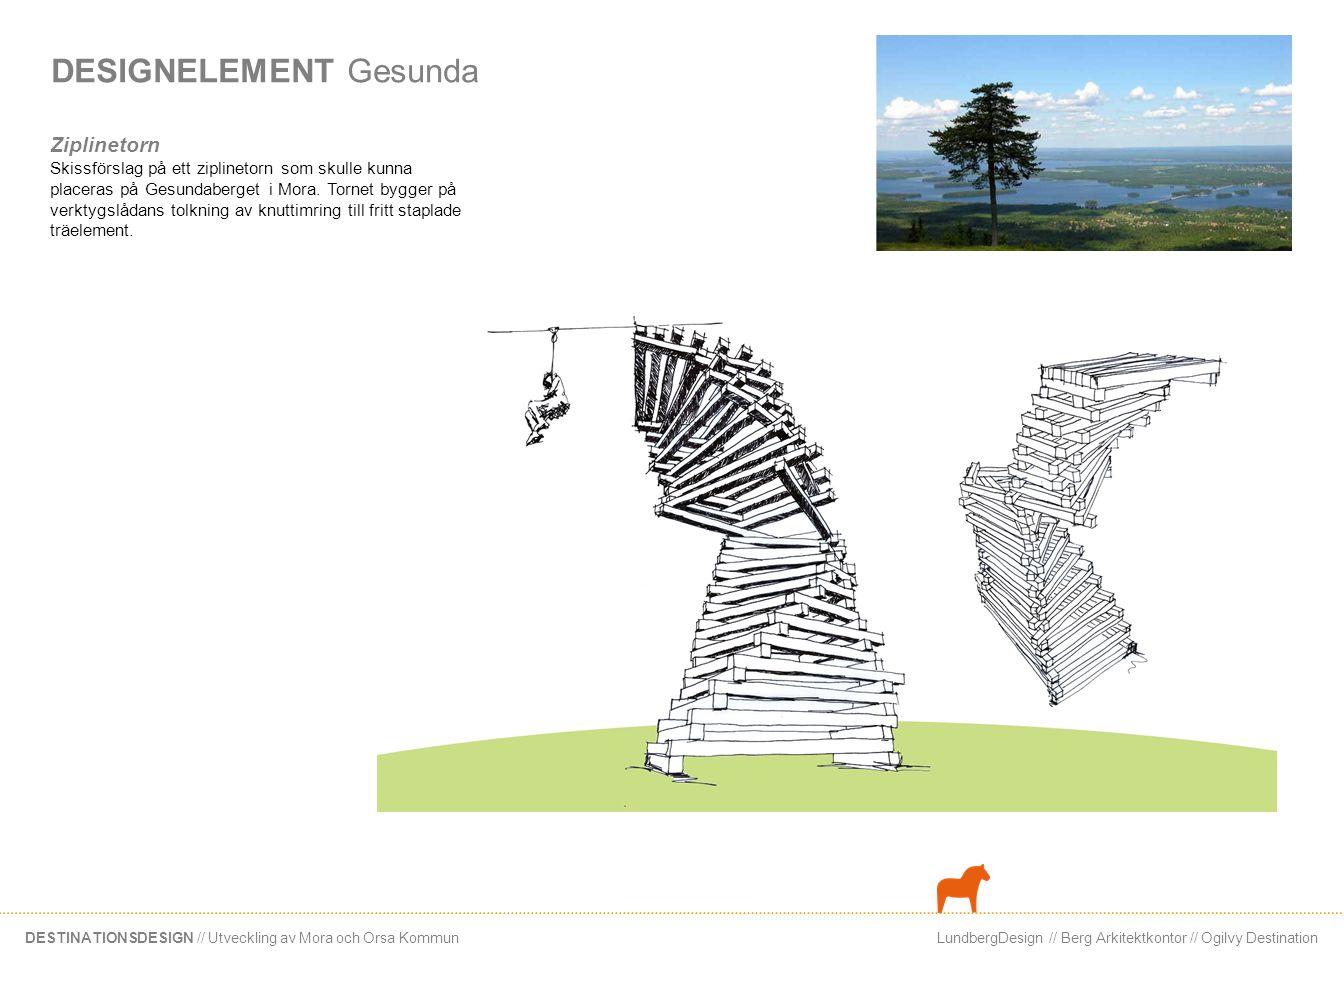 LundbergDesign // Berg Arkitektkontor // Ogilvy DestinationDESTINATIONSDESIGN // Utveckling av Mora och Orsa Kommun SILJAN STORIES Vi får följa tre sällskap genom Orsa och Mora, där Verktygslådans element är representerade på upprepade ställen, för att visualisera känslan av Framtidens Siljan.